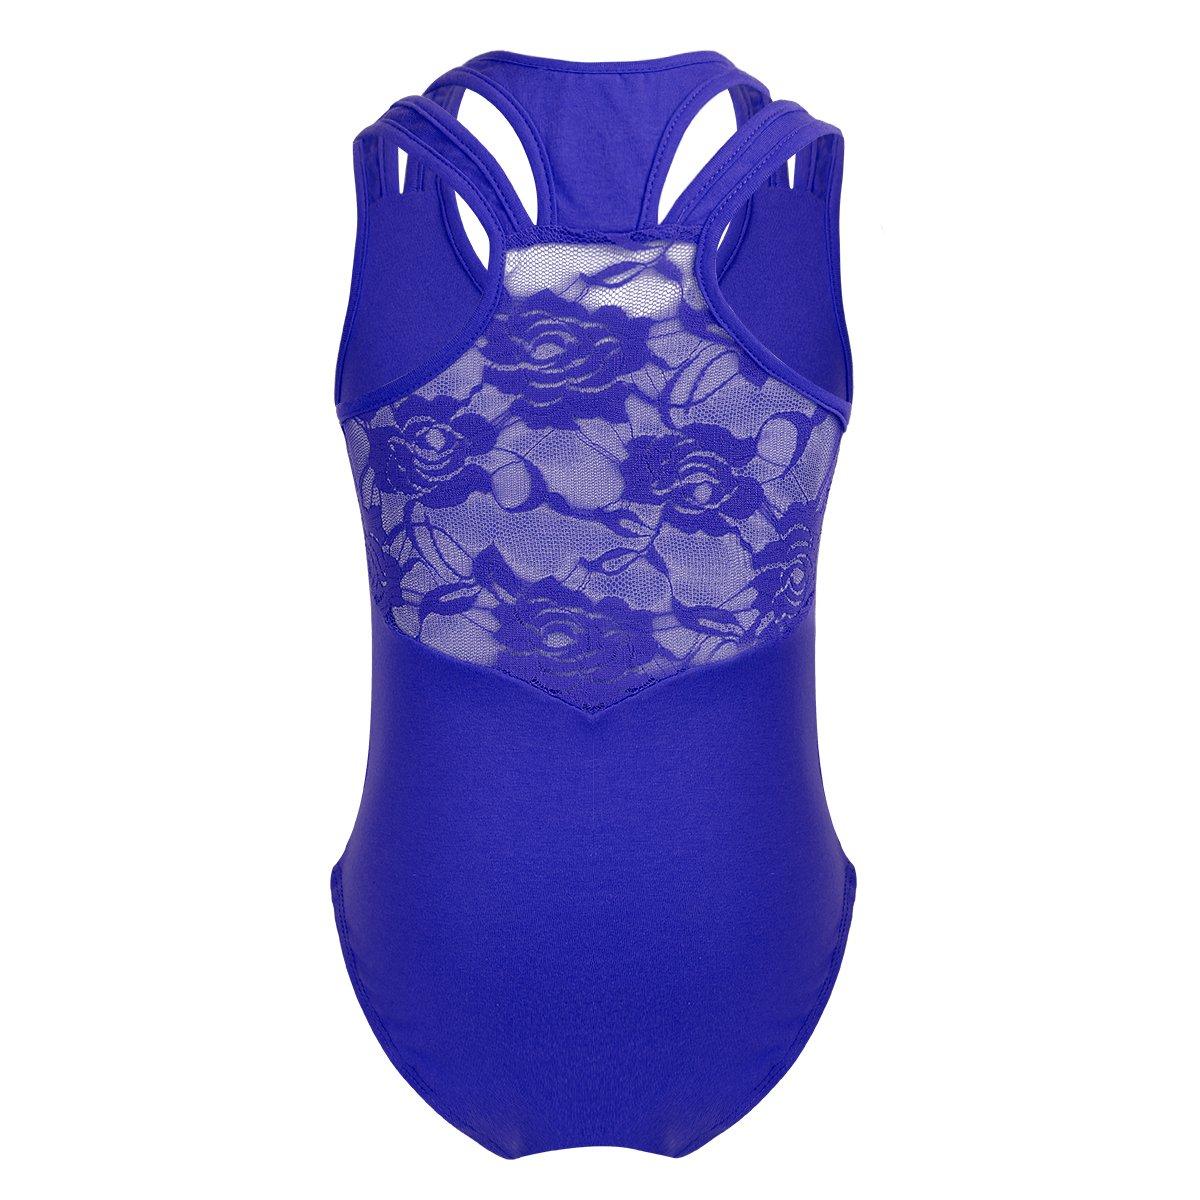 【在庫有】 MSemis SOCKSHOSIERY ガールズ B07FDPRQF1 5 Back Blue/ 6|Racer Back SOCKSHOSIERY Blue Racer Back Blue 43591, Smart Light:b7f28a88 --- advertdigitalmantra.com